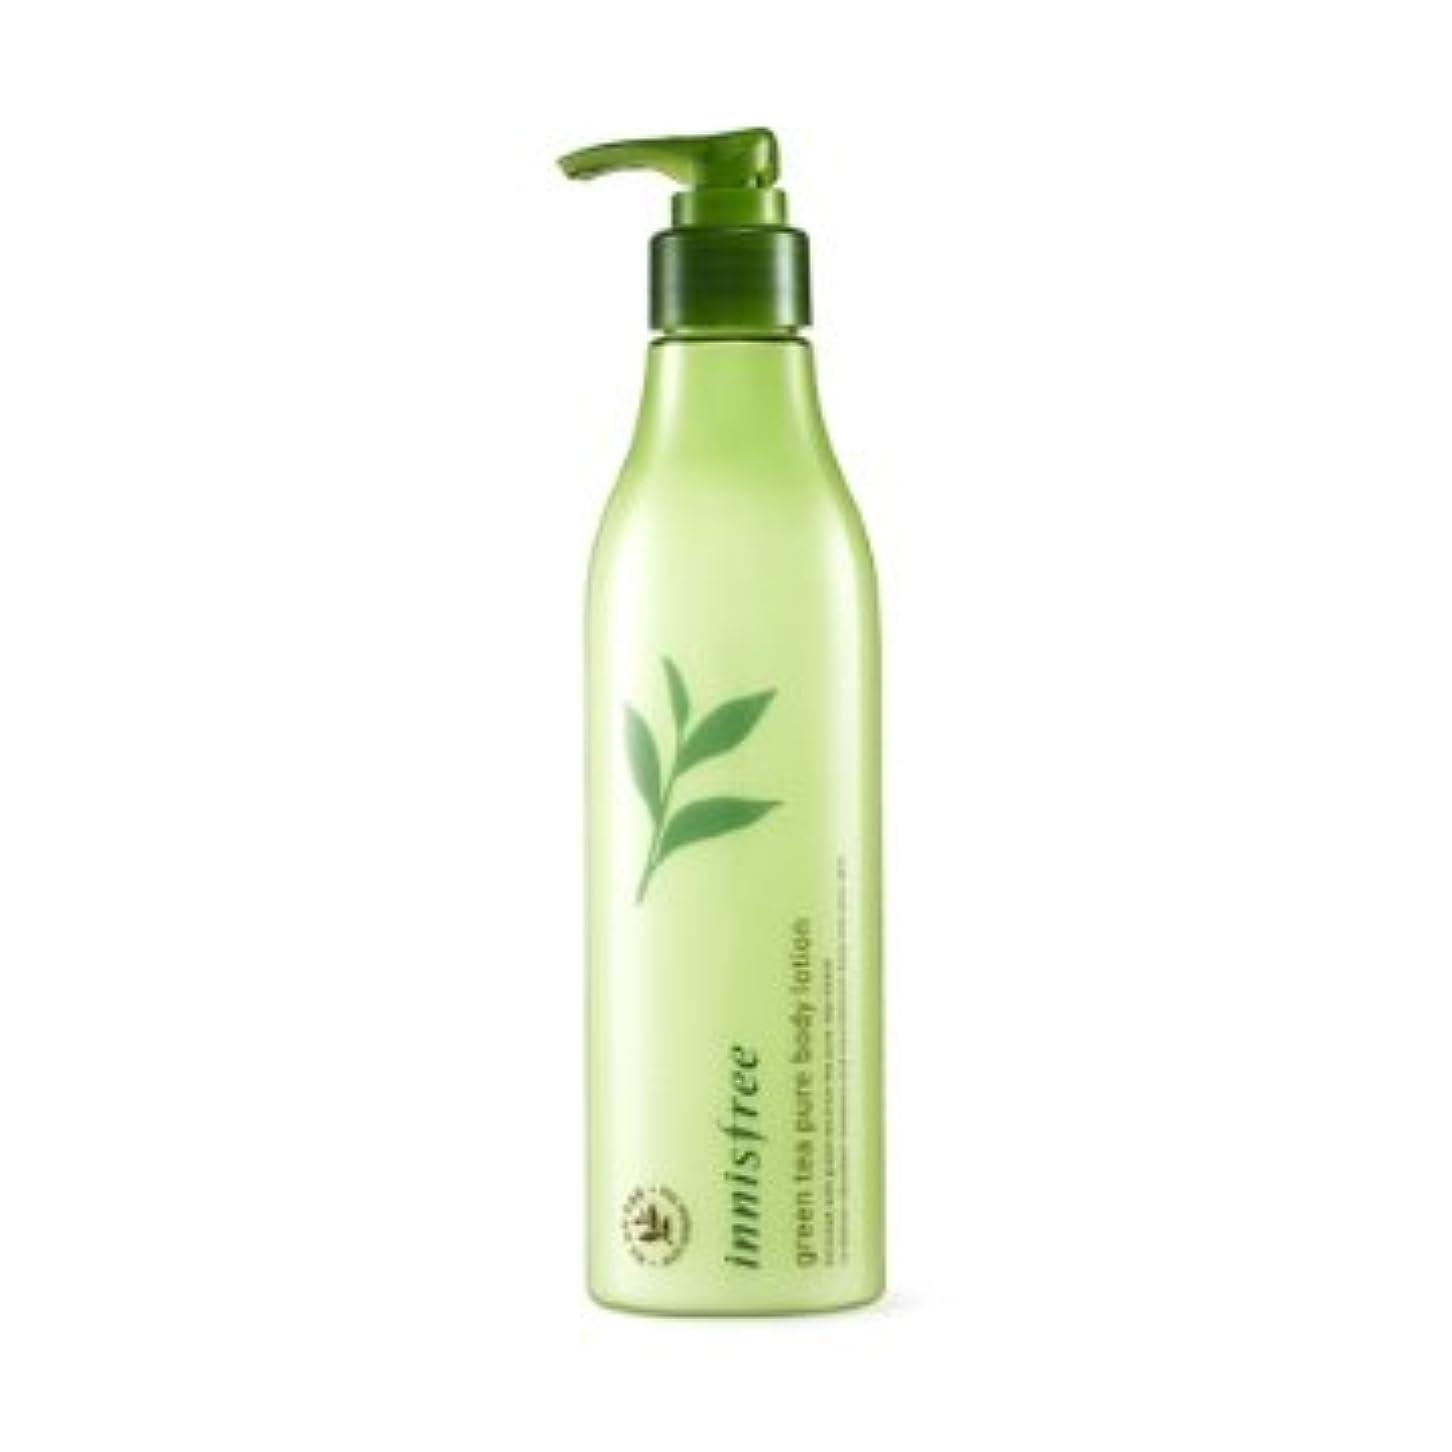 逆社員ストレンジャー【イニスフリー】Innisfree green tea pure body lotion - 300ml (韓国直送品) (SHOPPINGINSTAGRAM)